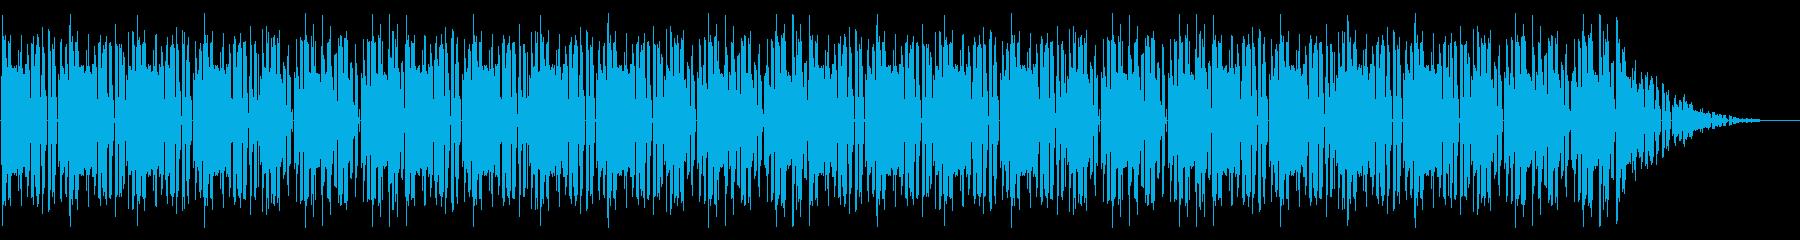 GB風スポーツゲームのリザルトBGMの再生済みの波形